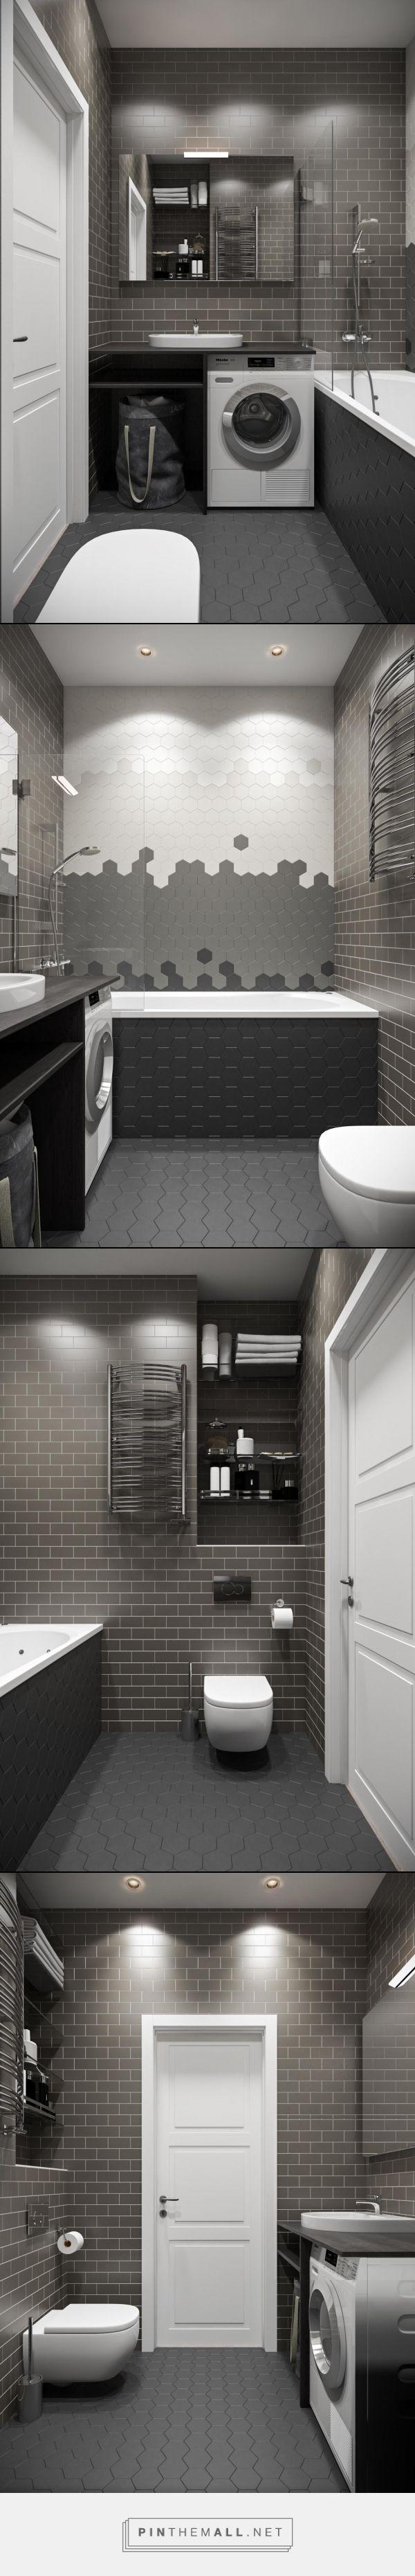 санузел лофт, интерьер ванной комнаты, ванная комната дизайн, ванная темная